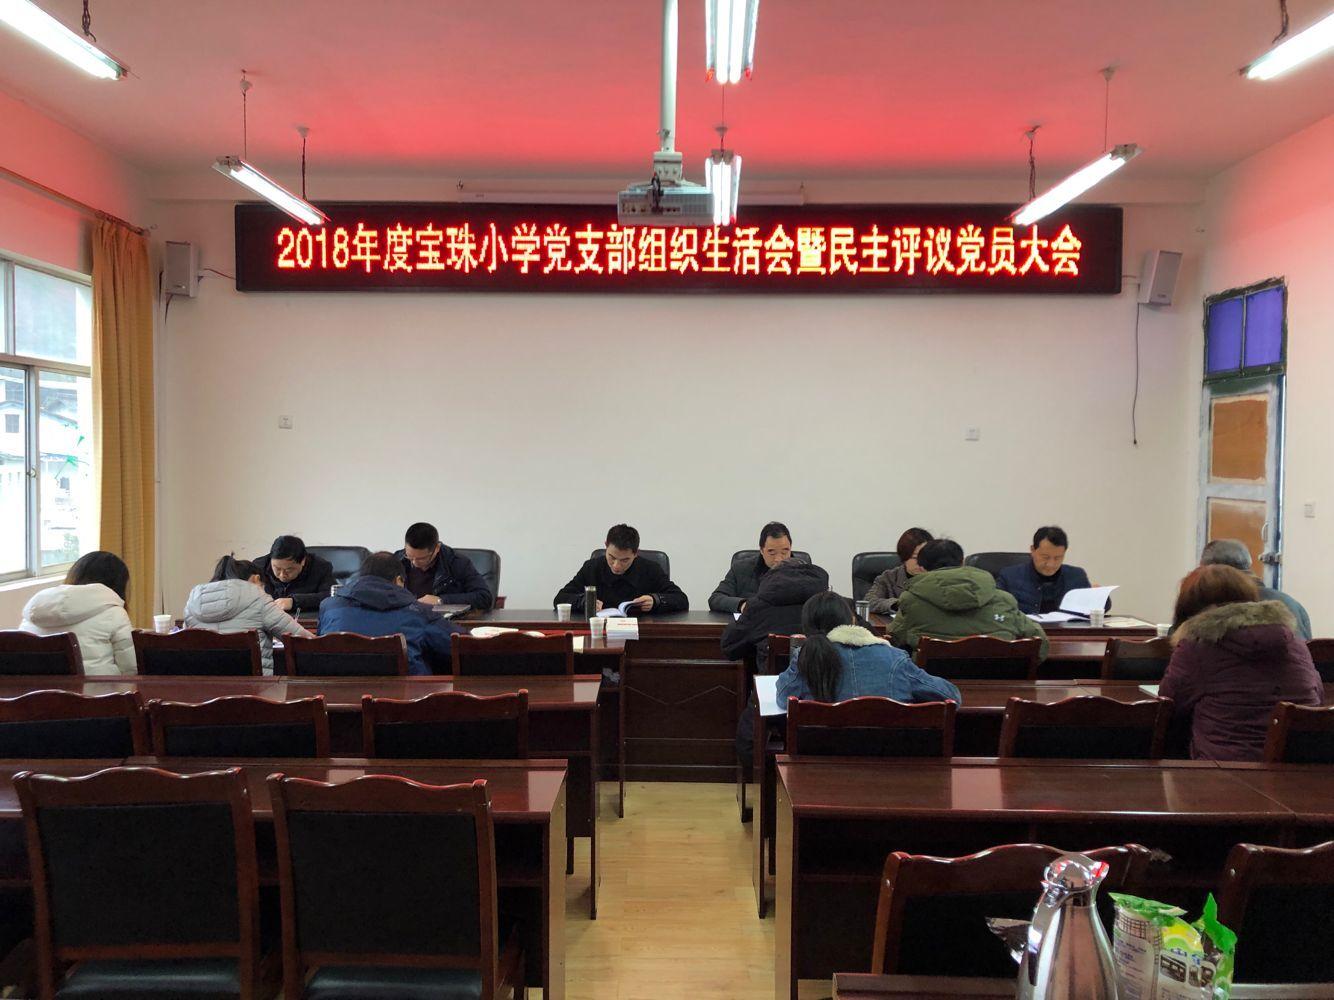 利州区宝珠小学党支部召开2018年度组织生活会暨民主评议党员大会